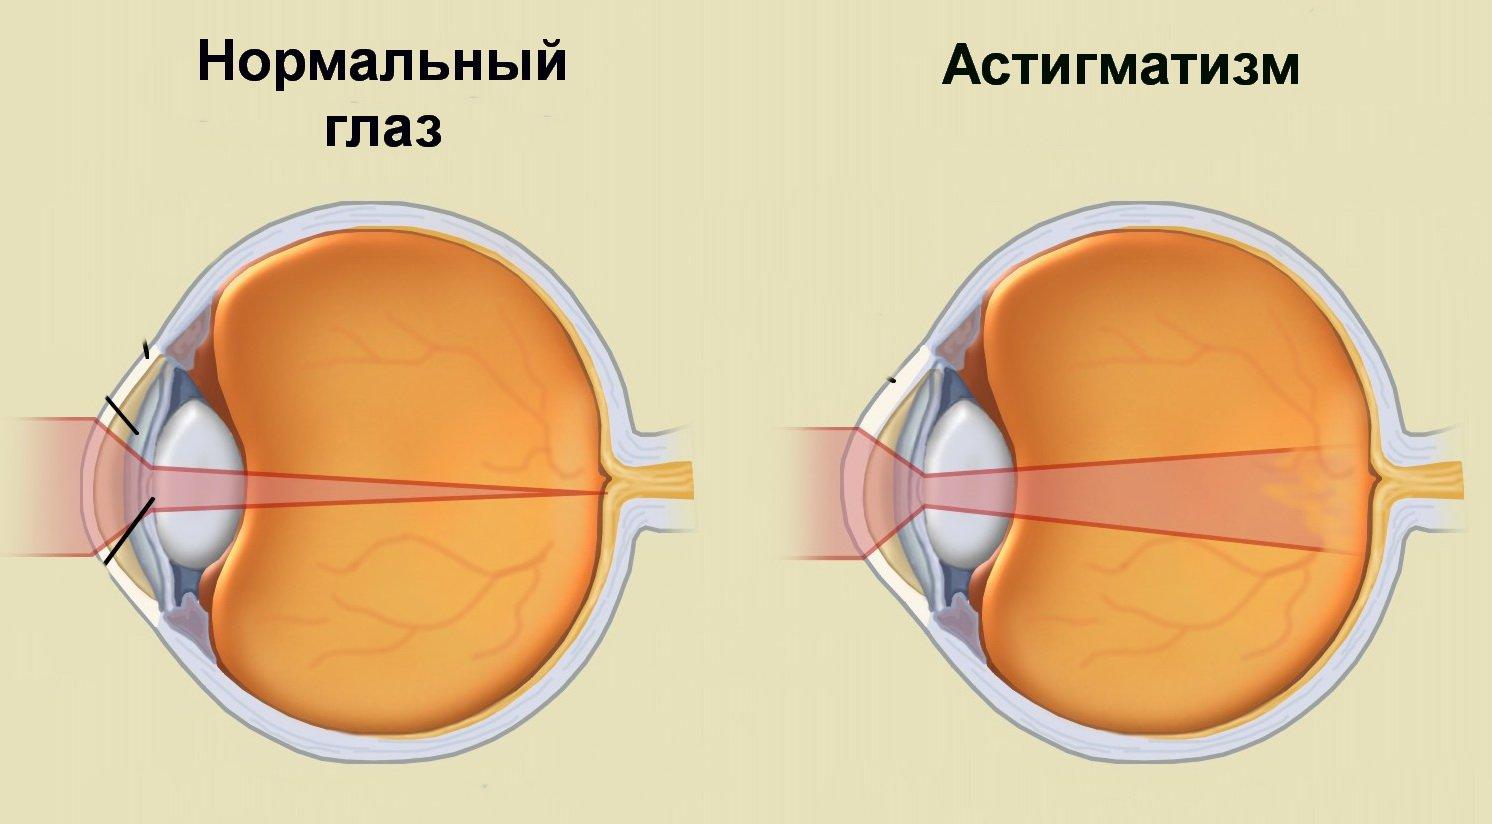 Torna a látás javítása érdekében, Minden ülés előtt lazítsa meg a szemizmait.